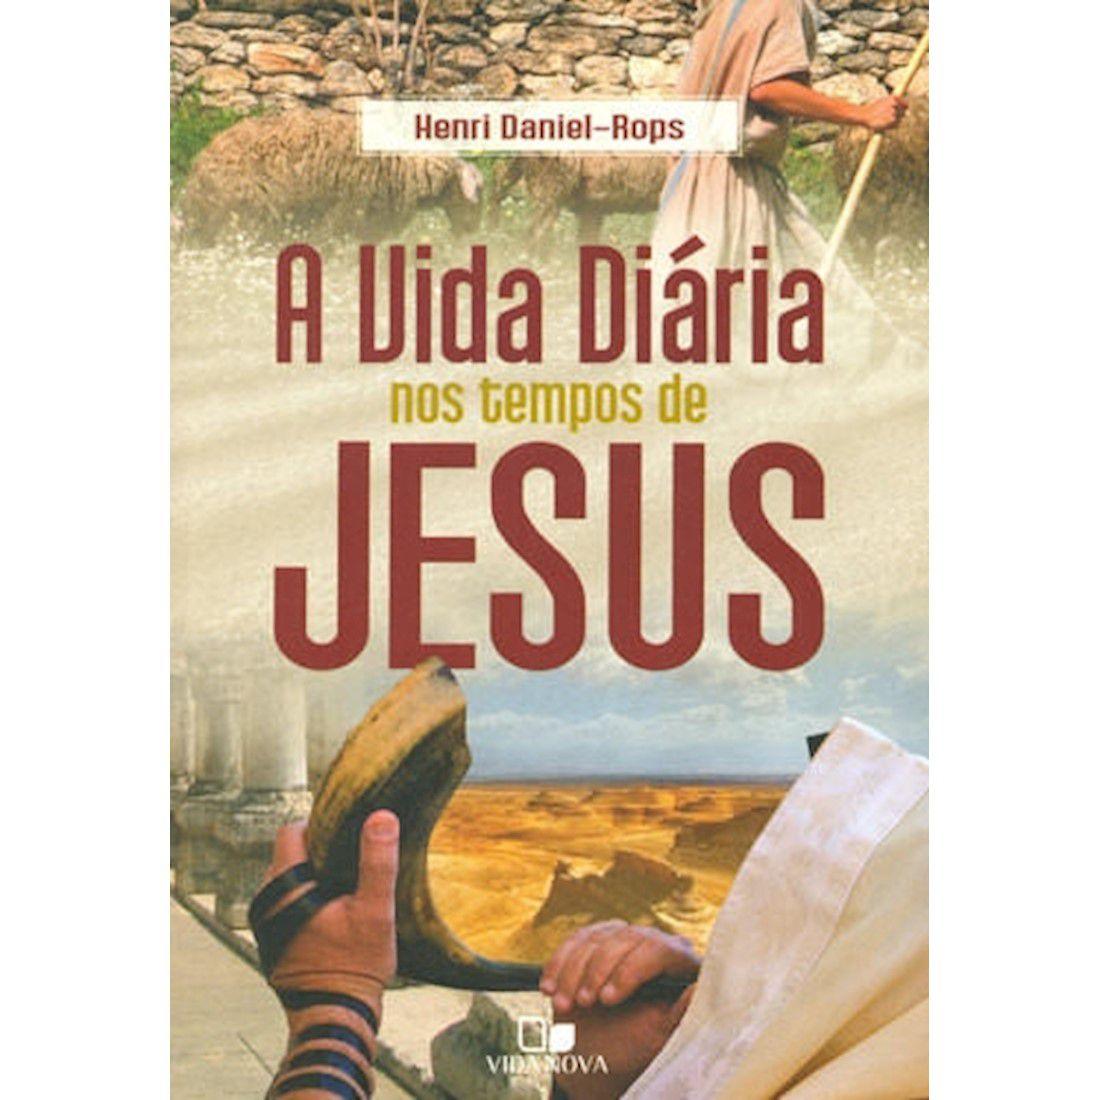 Livro A Vida Diária nos Tempos de Jesus